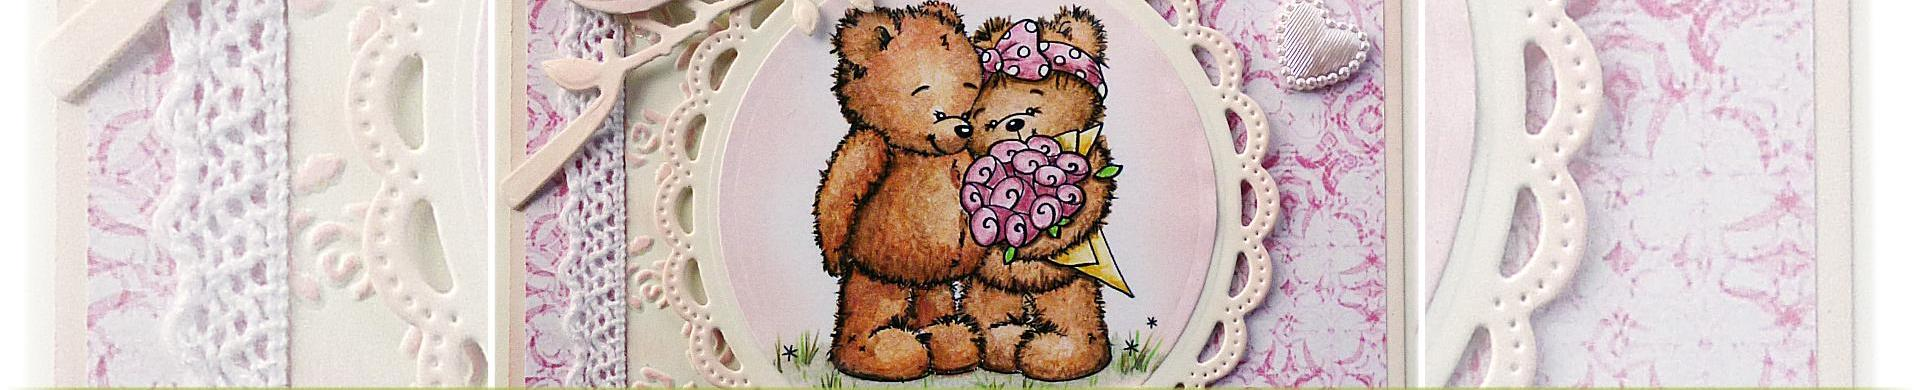 Teddy Bear Digital Stamps